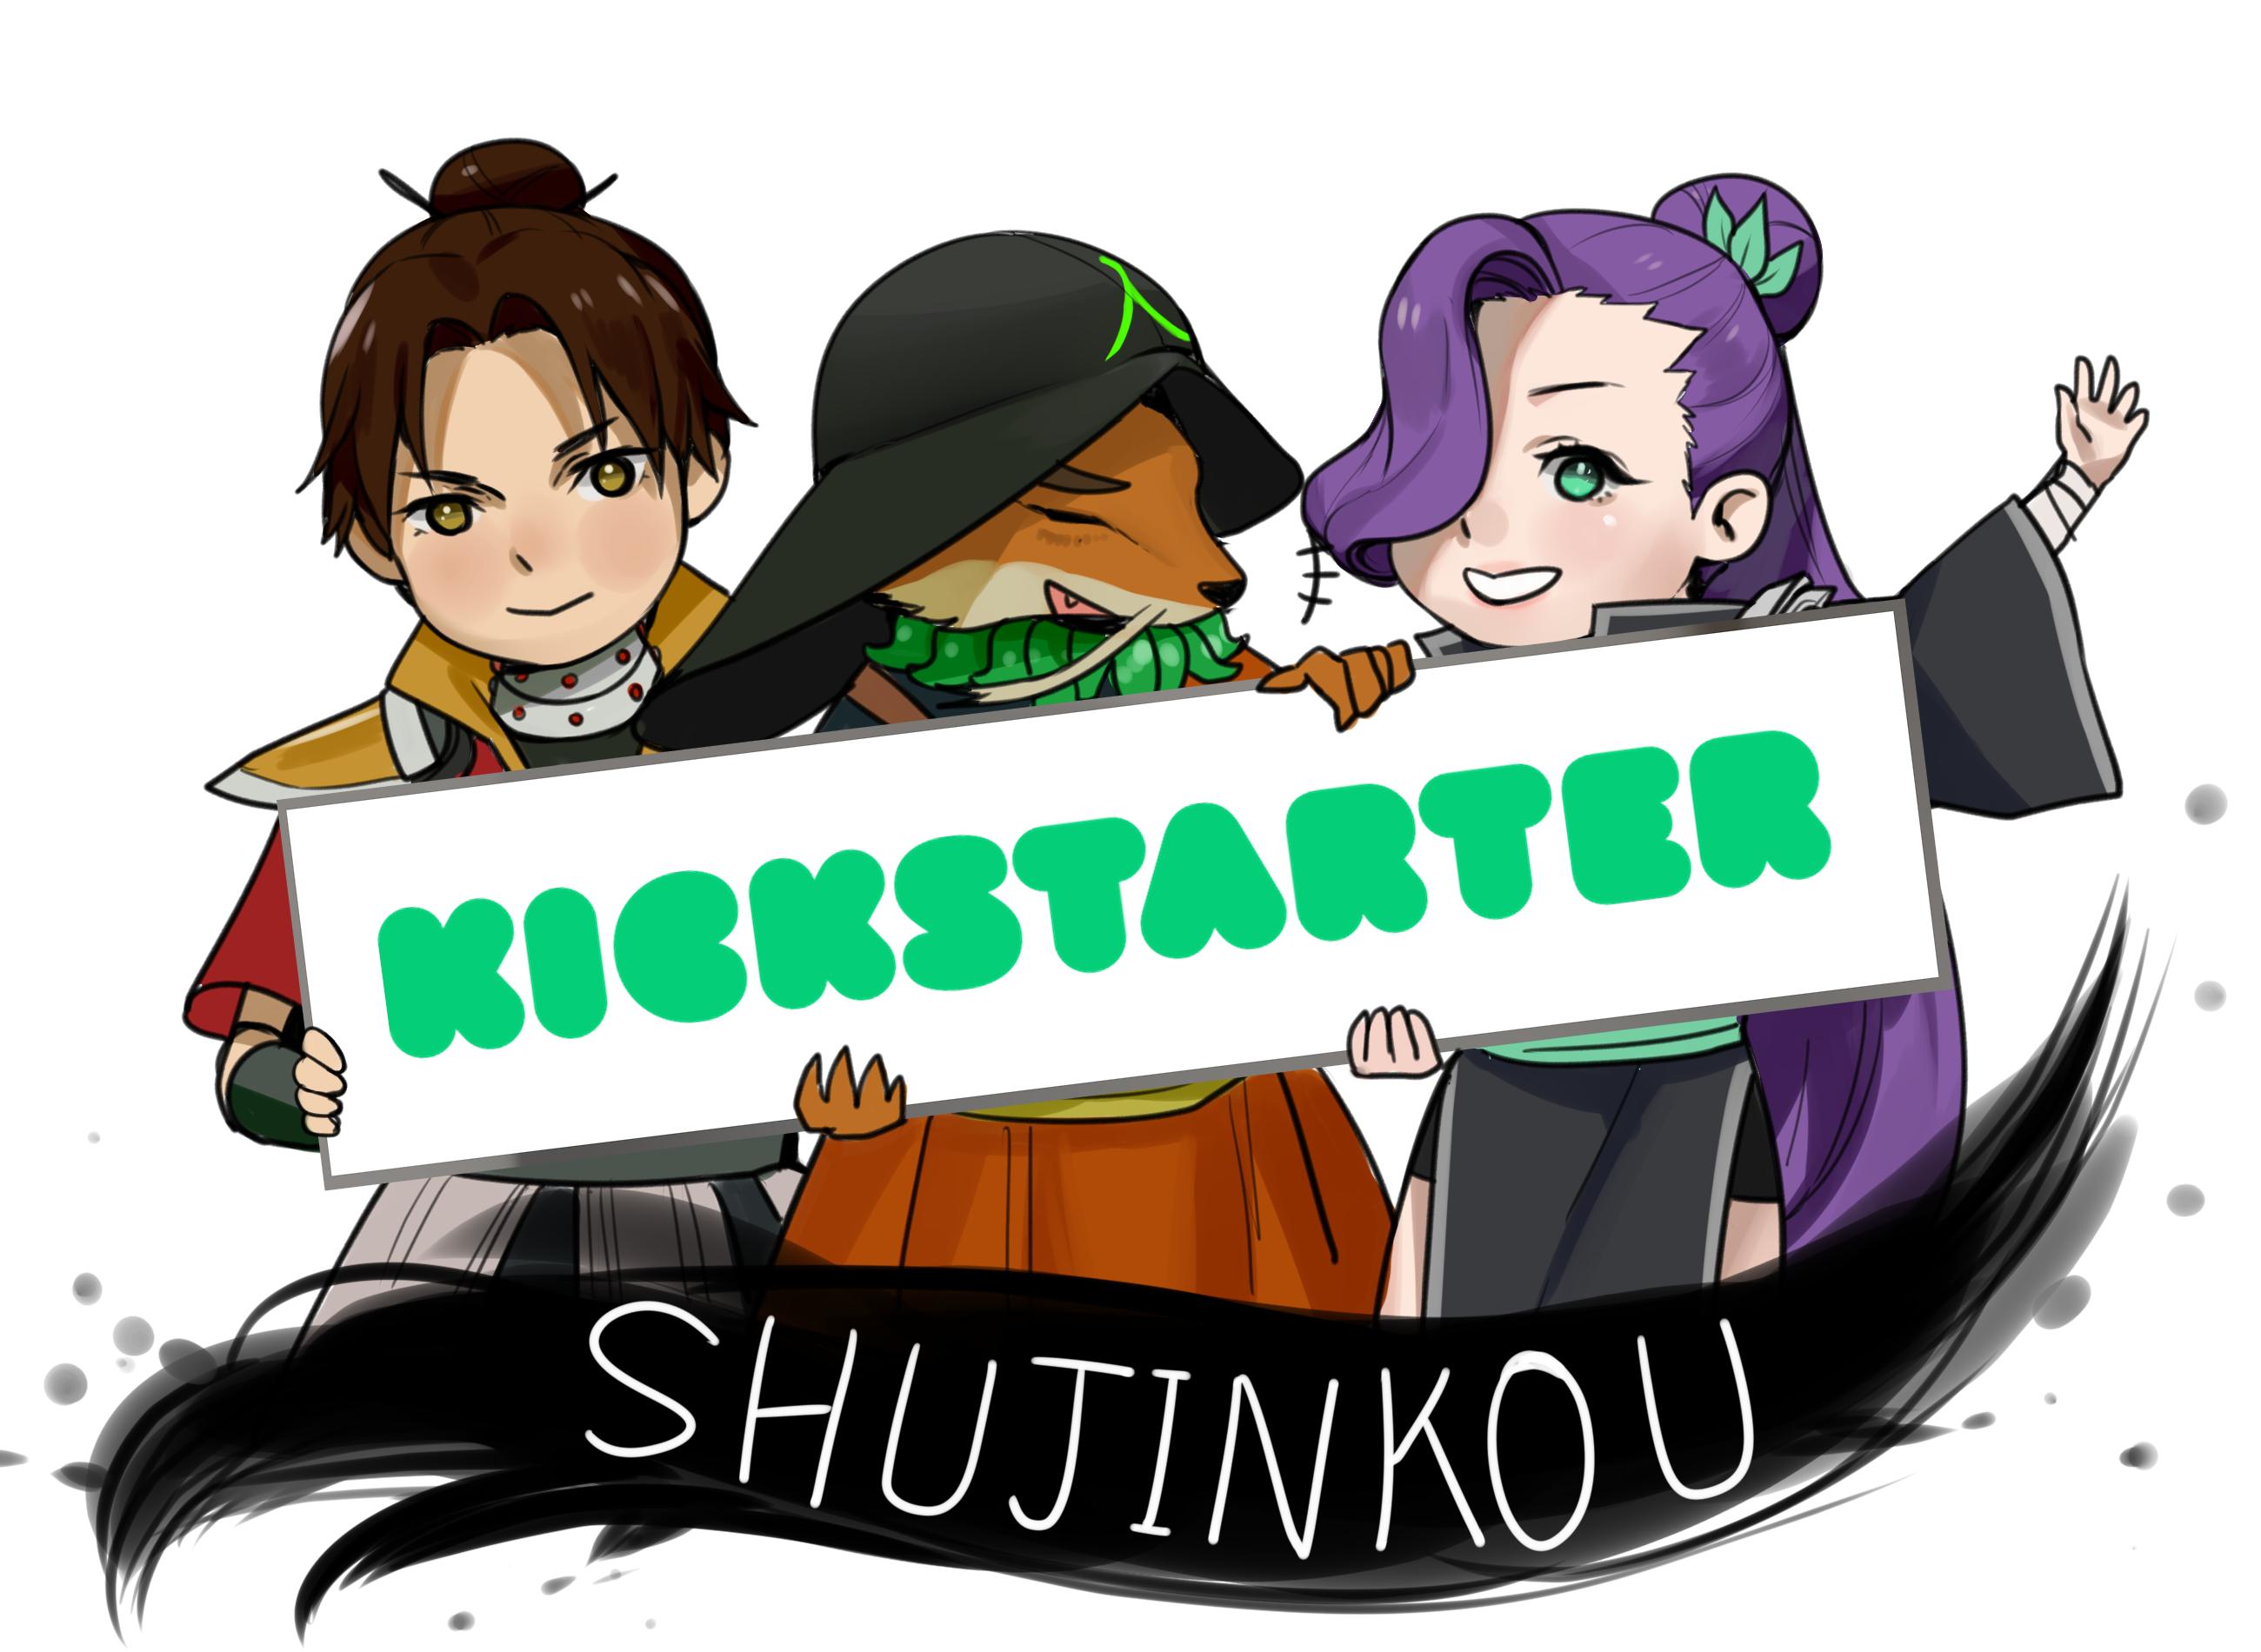 kickstarter chibi